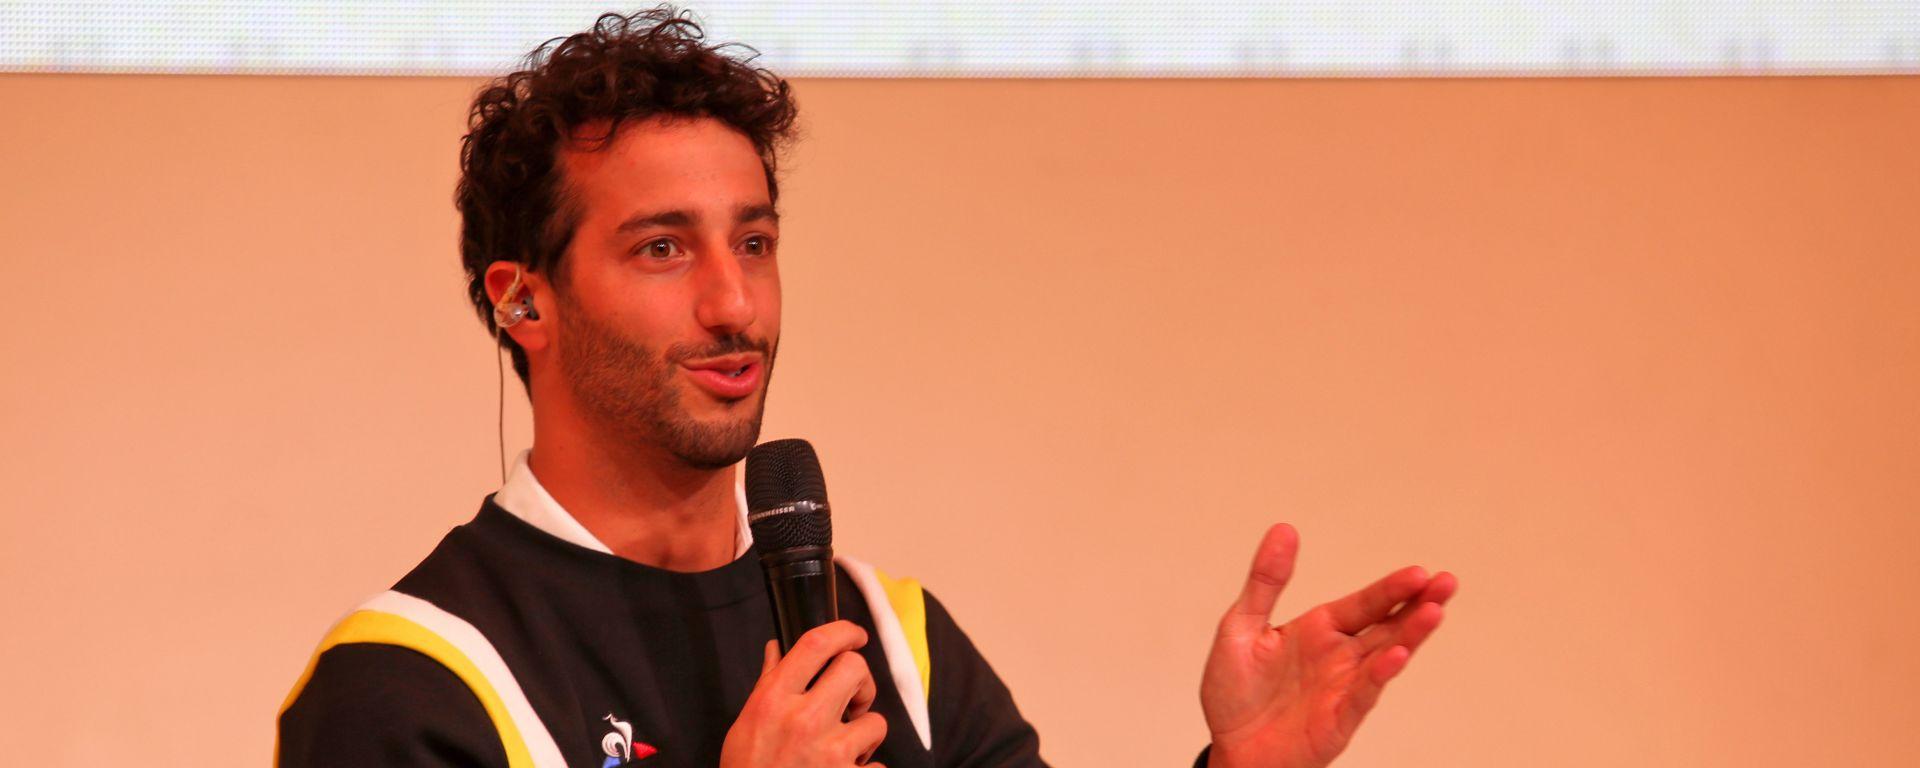 Presentazione Renault F1 2020: Daniel Ricciardo durante la conferenza